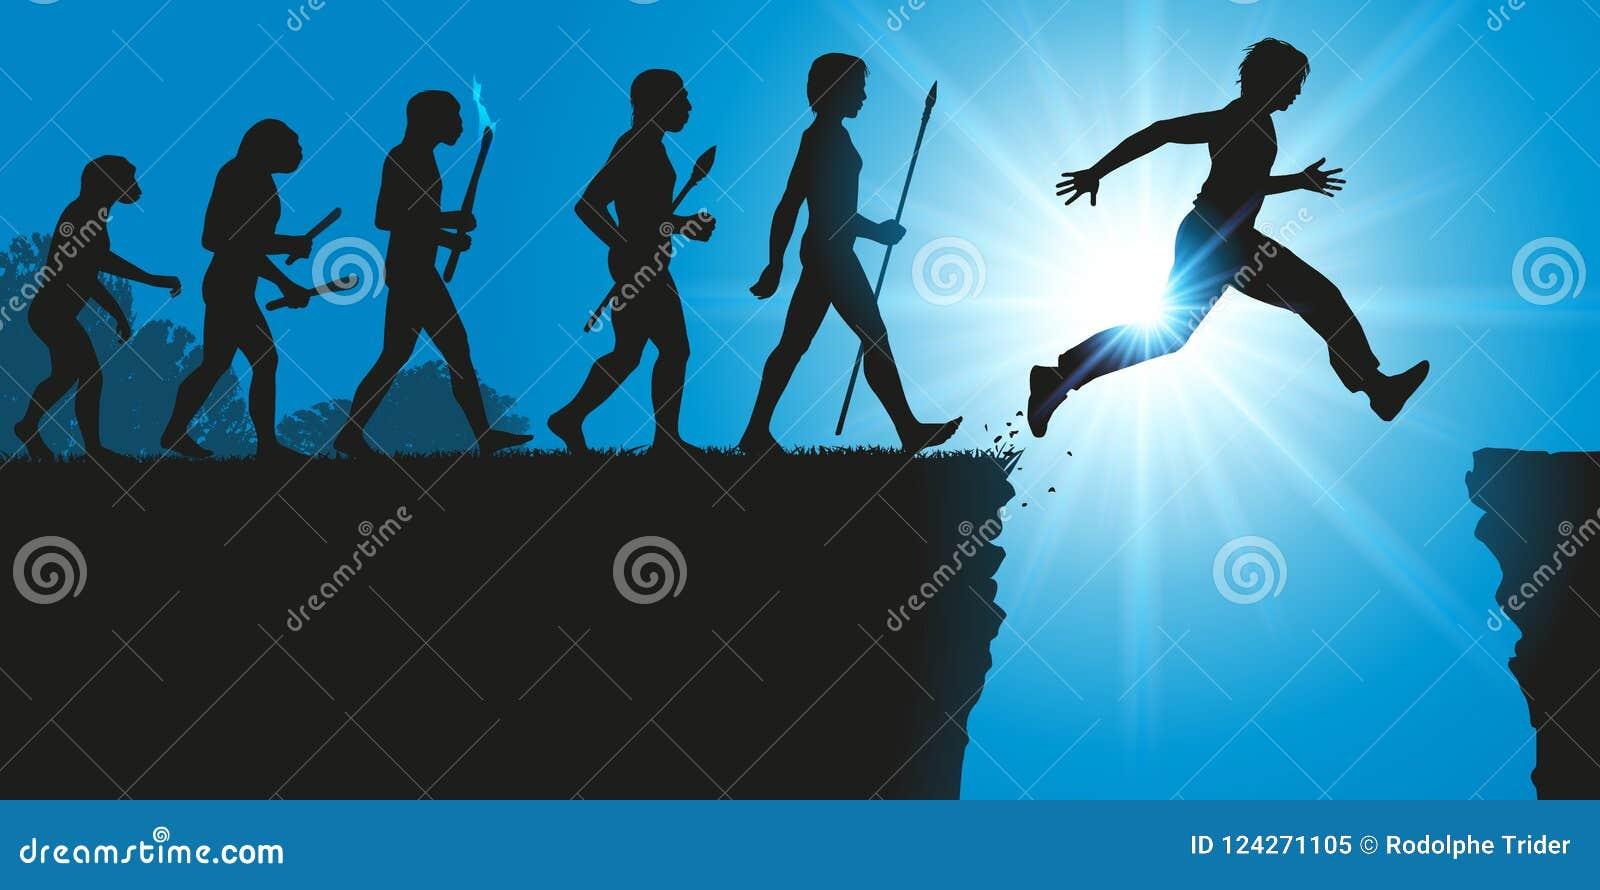 Concept de l évolution de l humanité avec un saut dans l inconnu